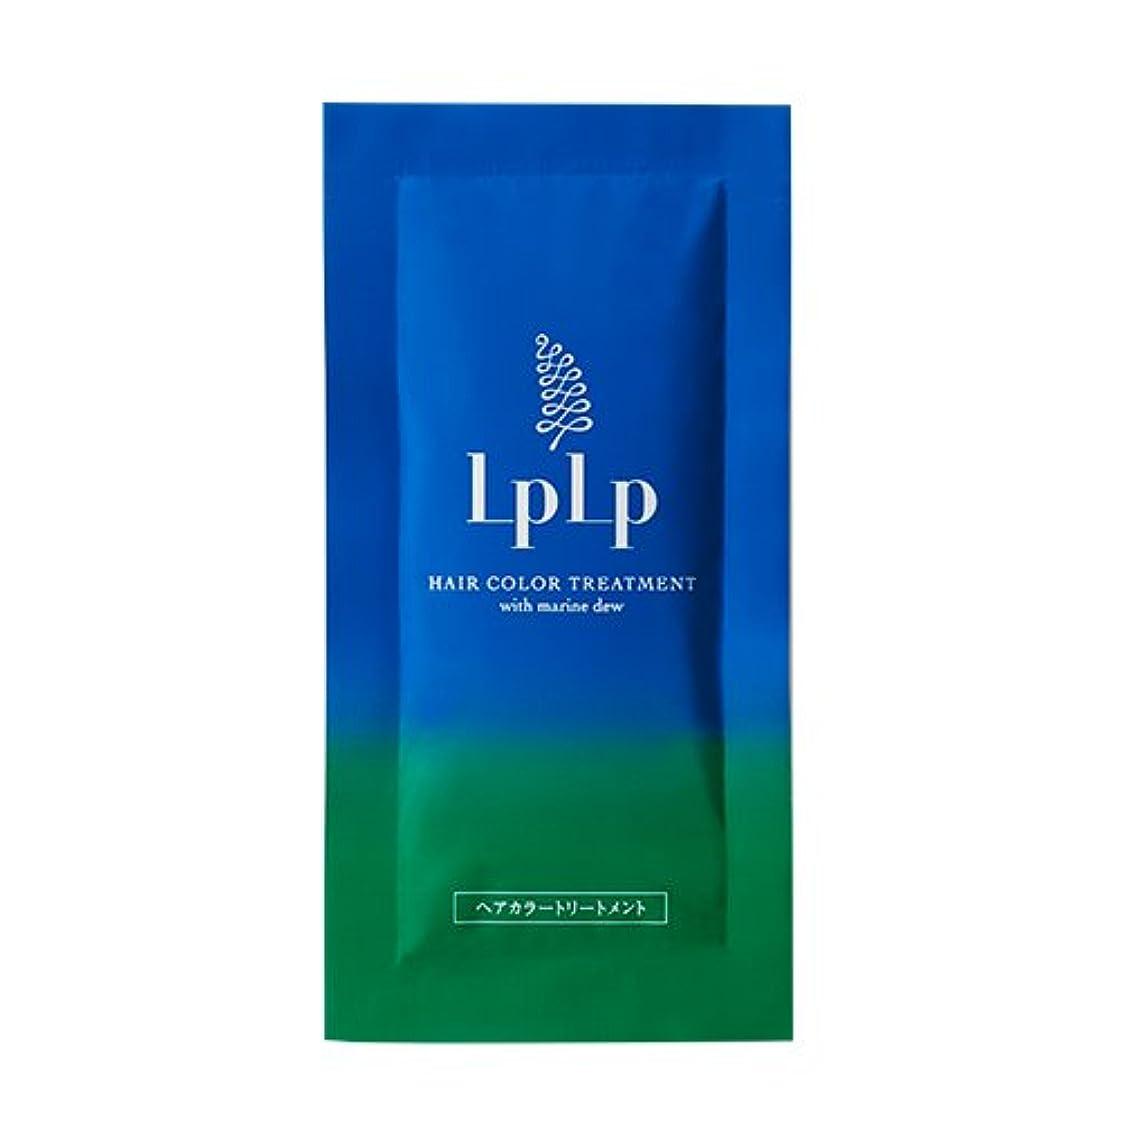 精巧なポーチ未使用LPLP(ルプルプ)ヘアカラートリートメントお試しパウチ ブラウン